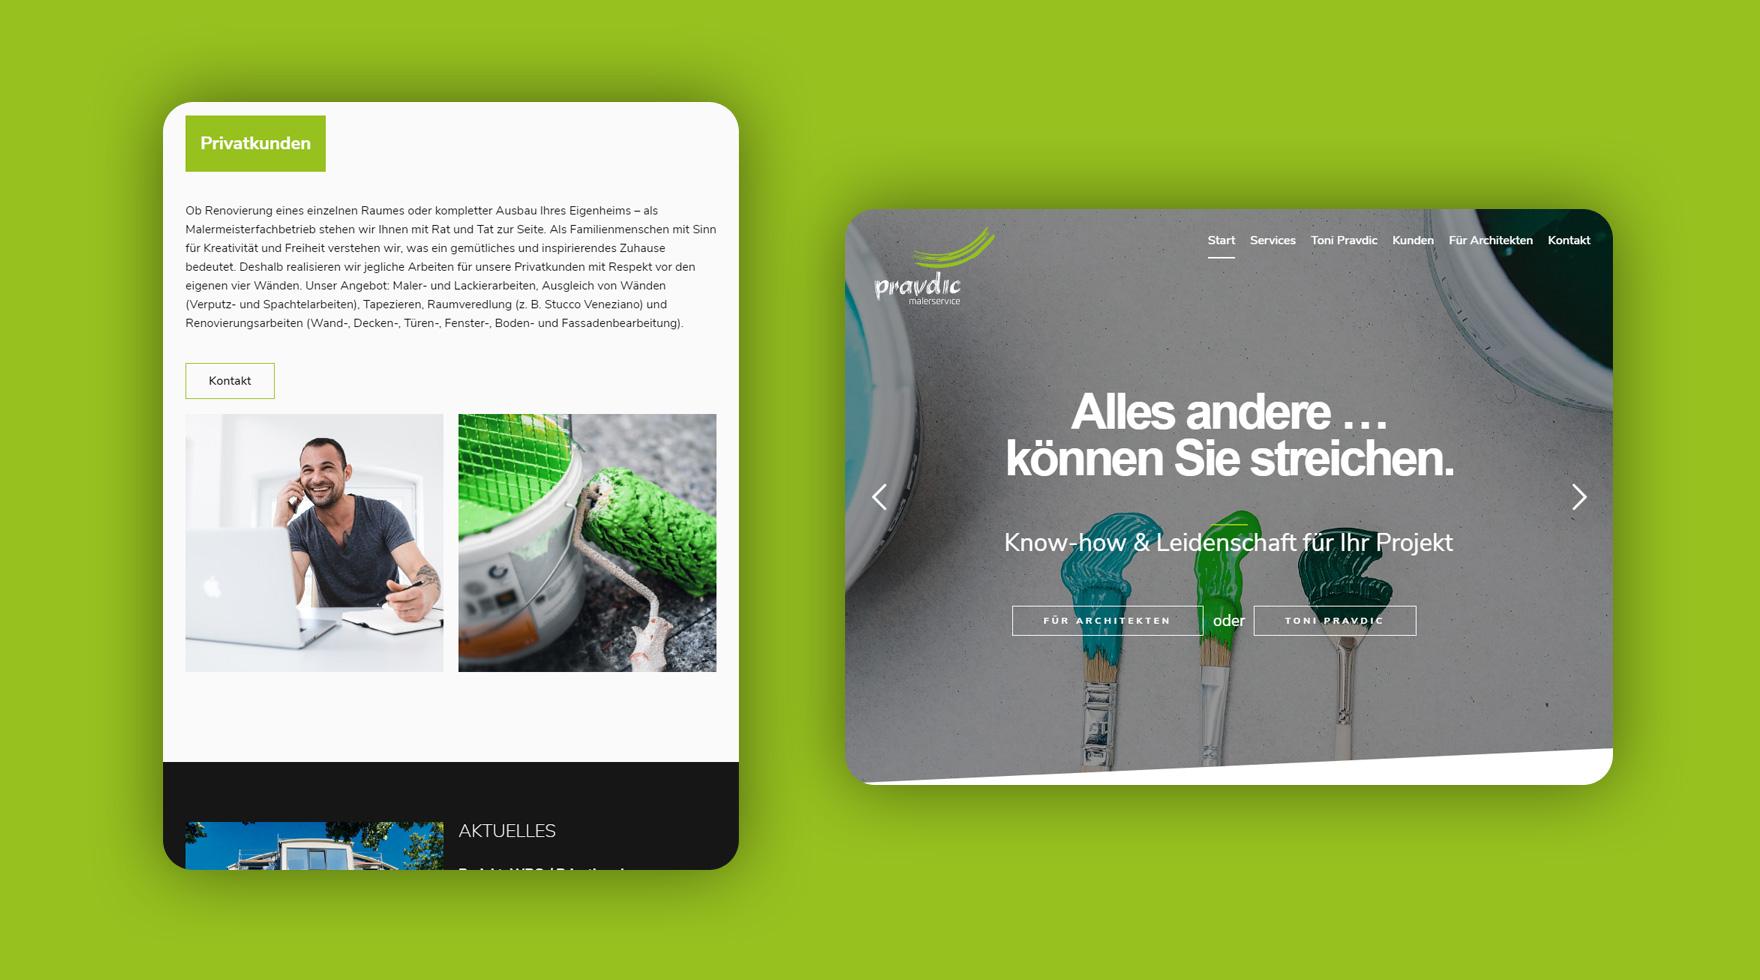 Webseiten-design-programmierung-pravdic-frankfurt-agentur